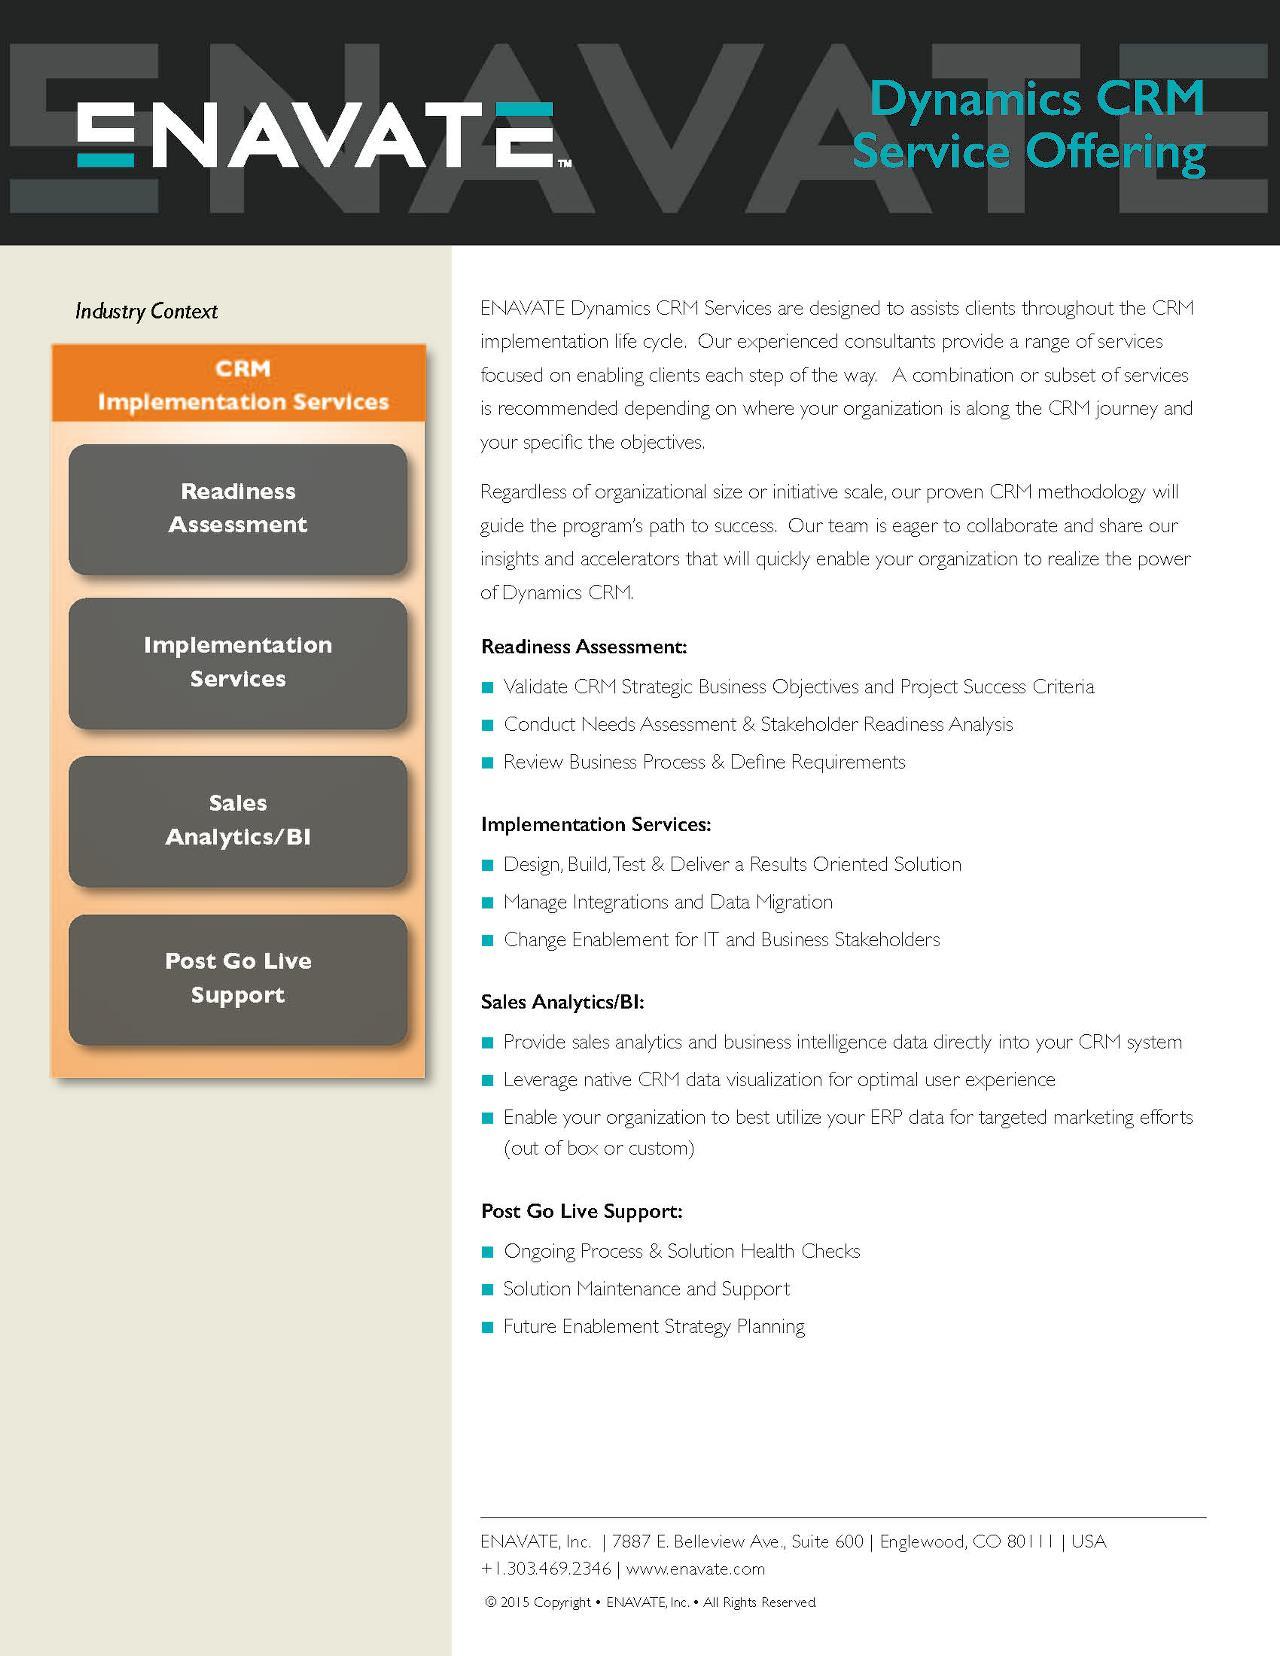 ENAVATE's CRM Implementation Services